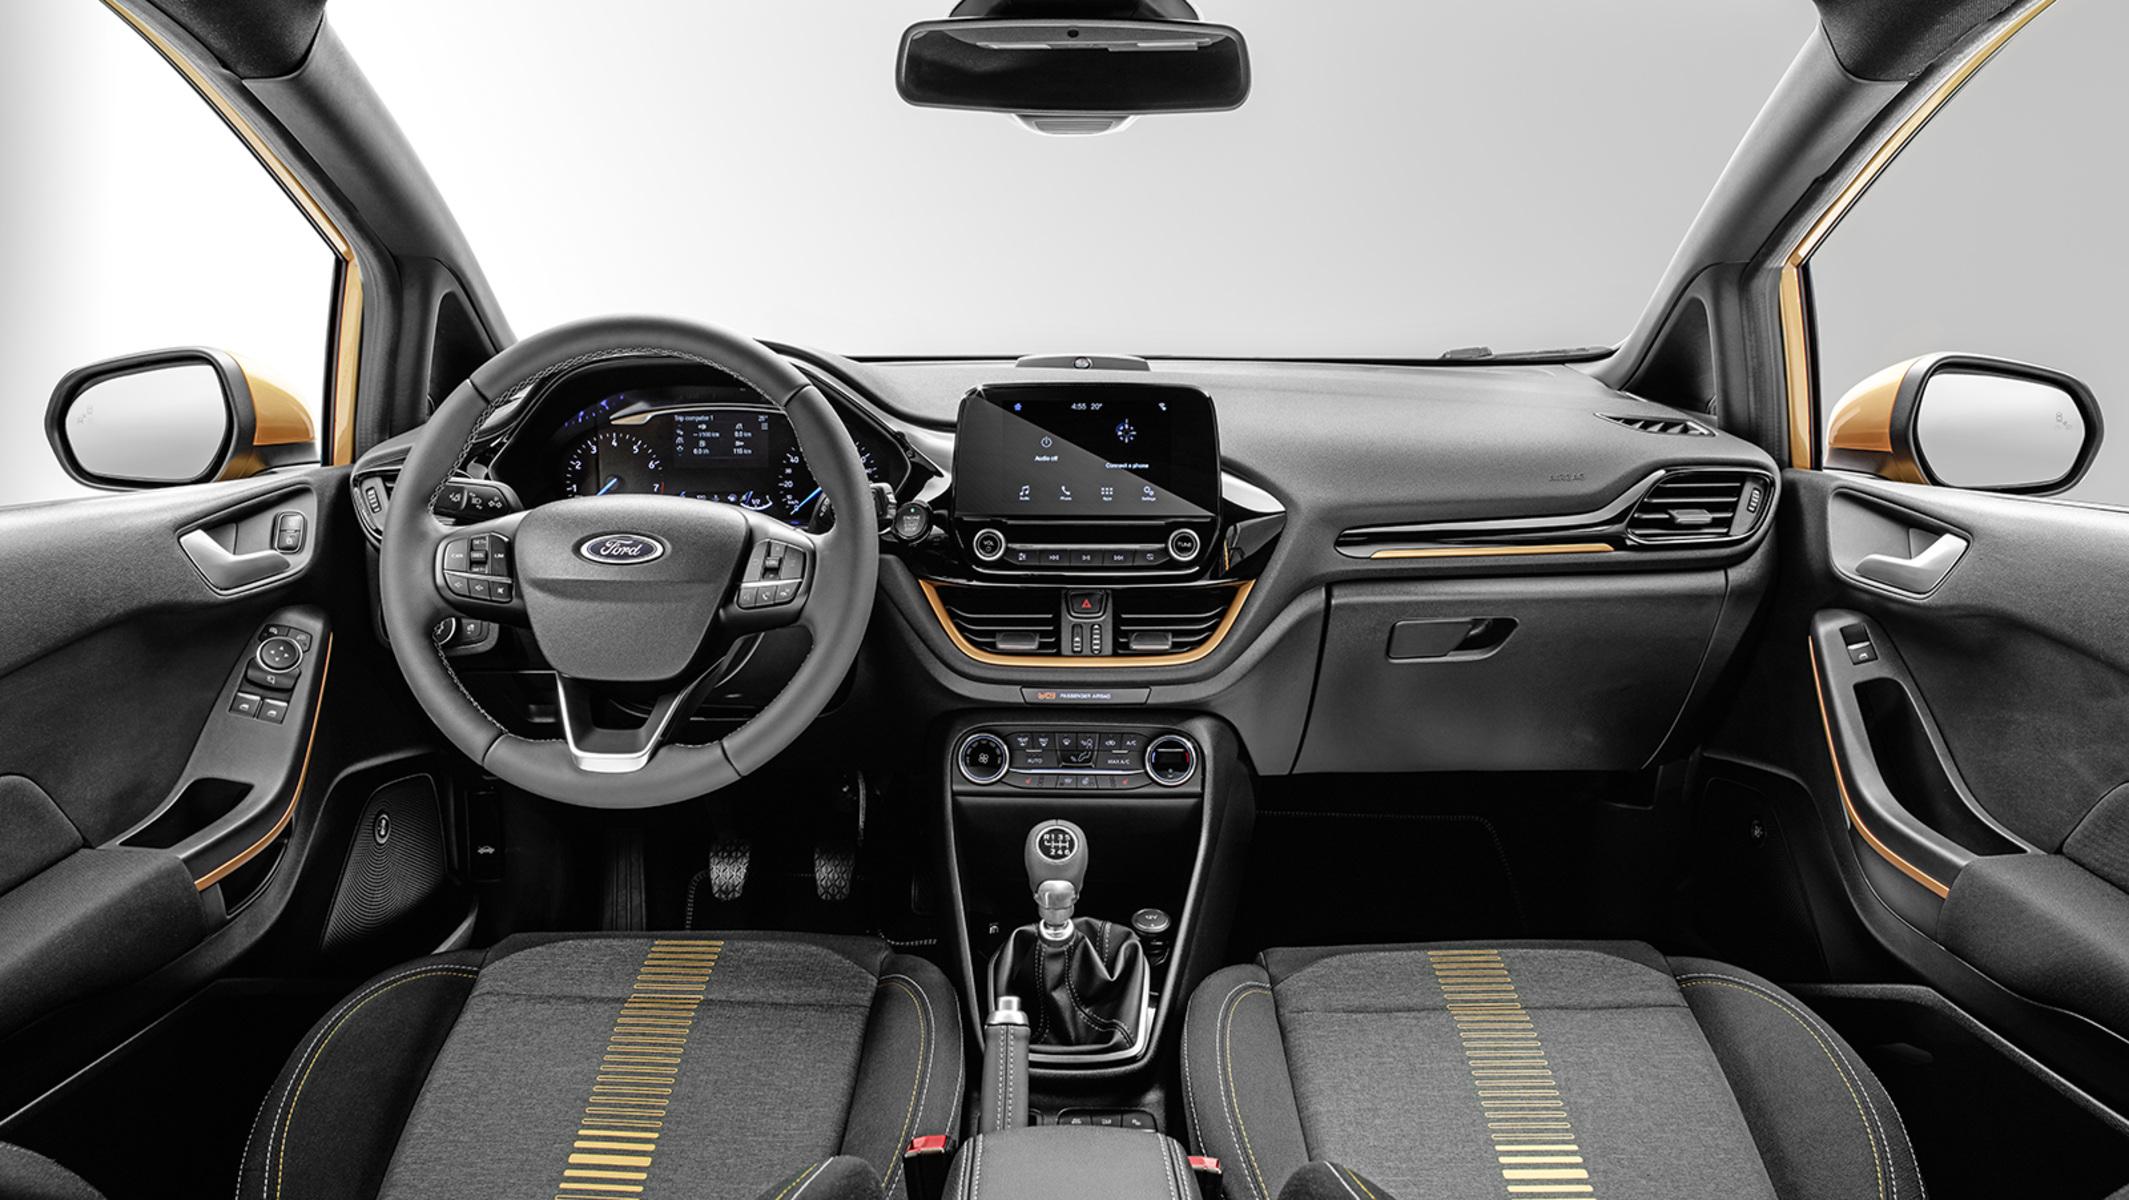 Listino Ford Fiesta Prezzo Scheda Tecnica Consumi